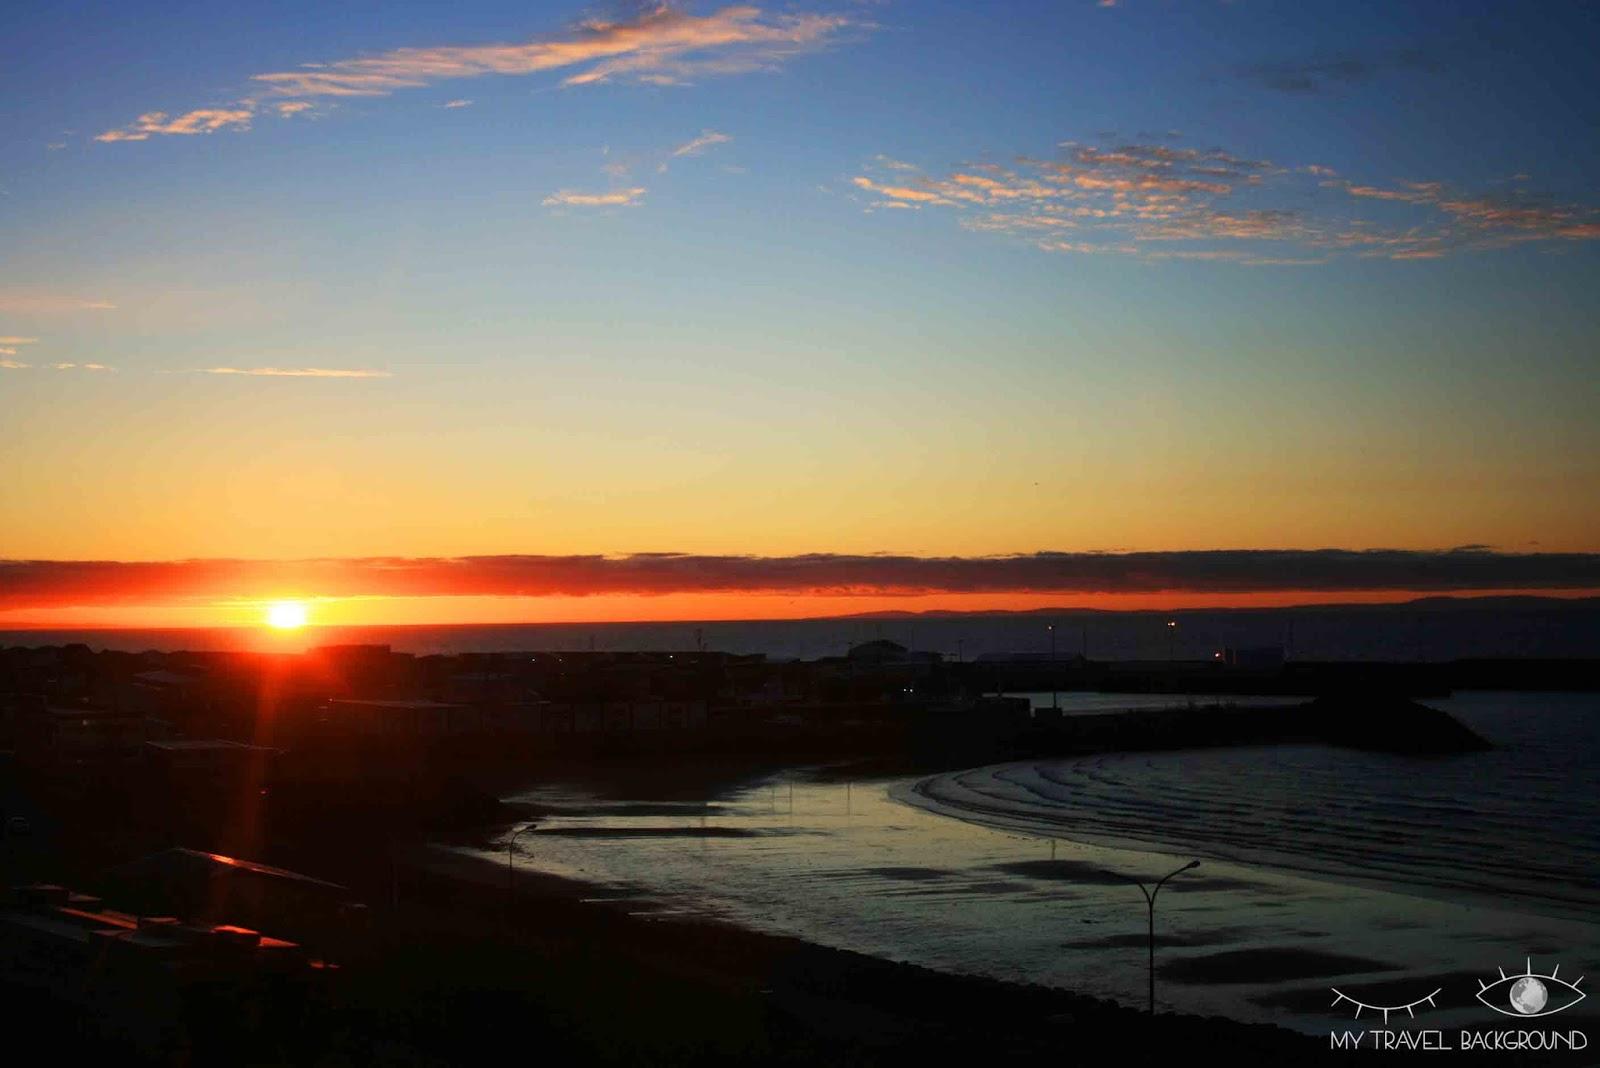 My Travel Background : 18 lieux à découvrir absolument en Islande, profiter des couchers de soleil de minuit